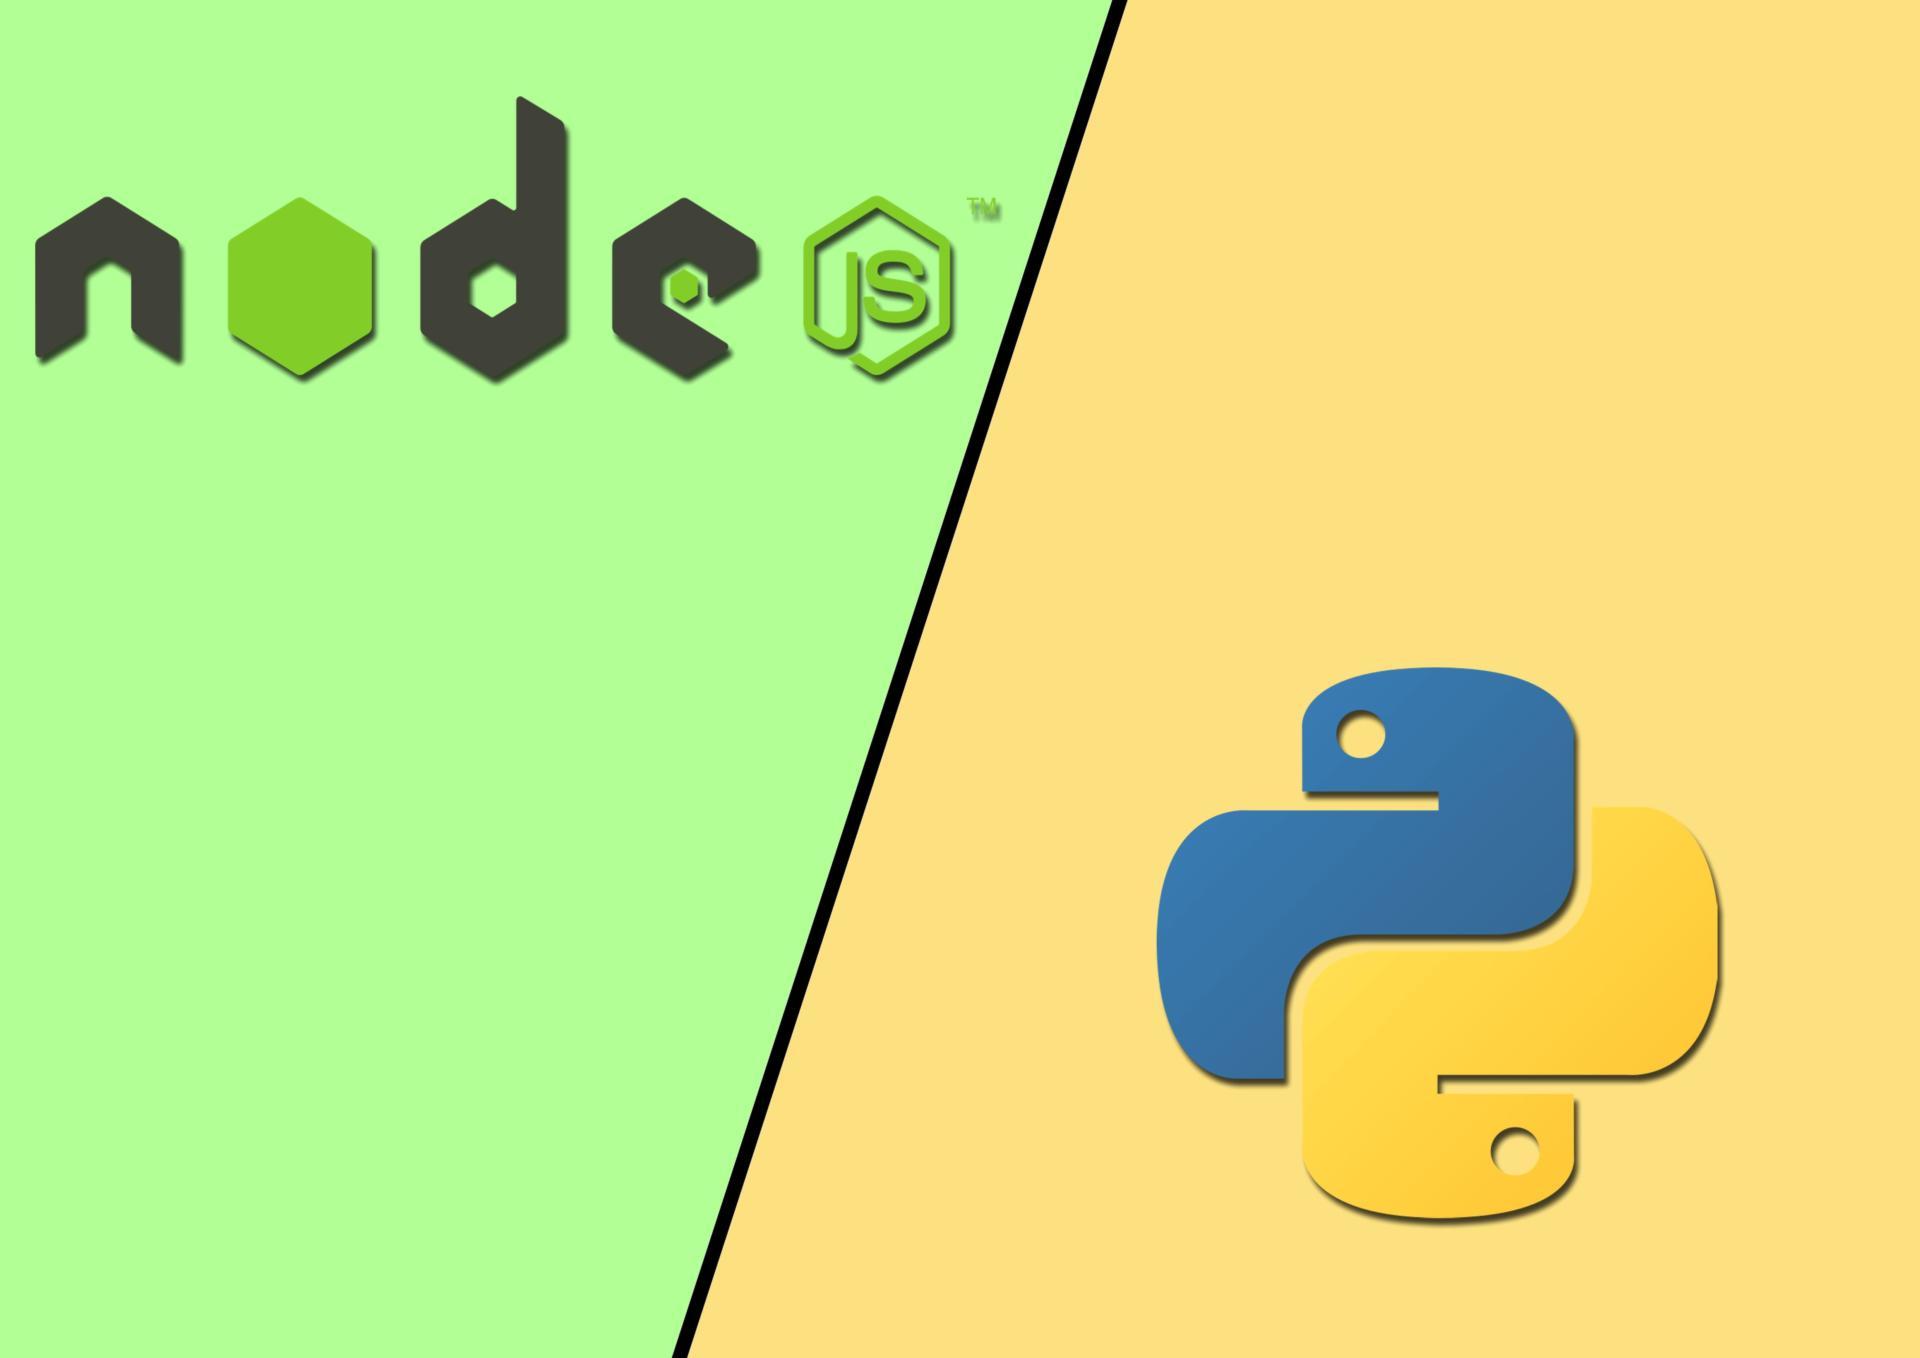 Node.js или Python, что лучше выбрать